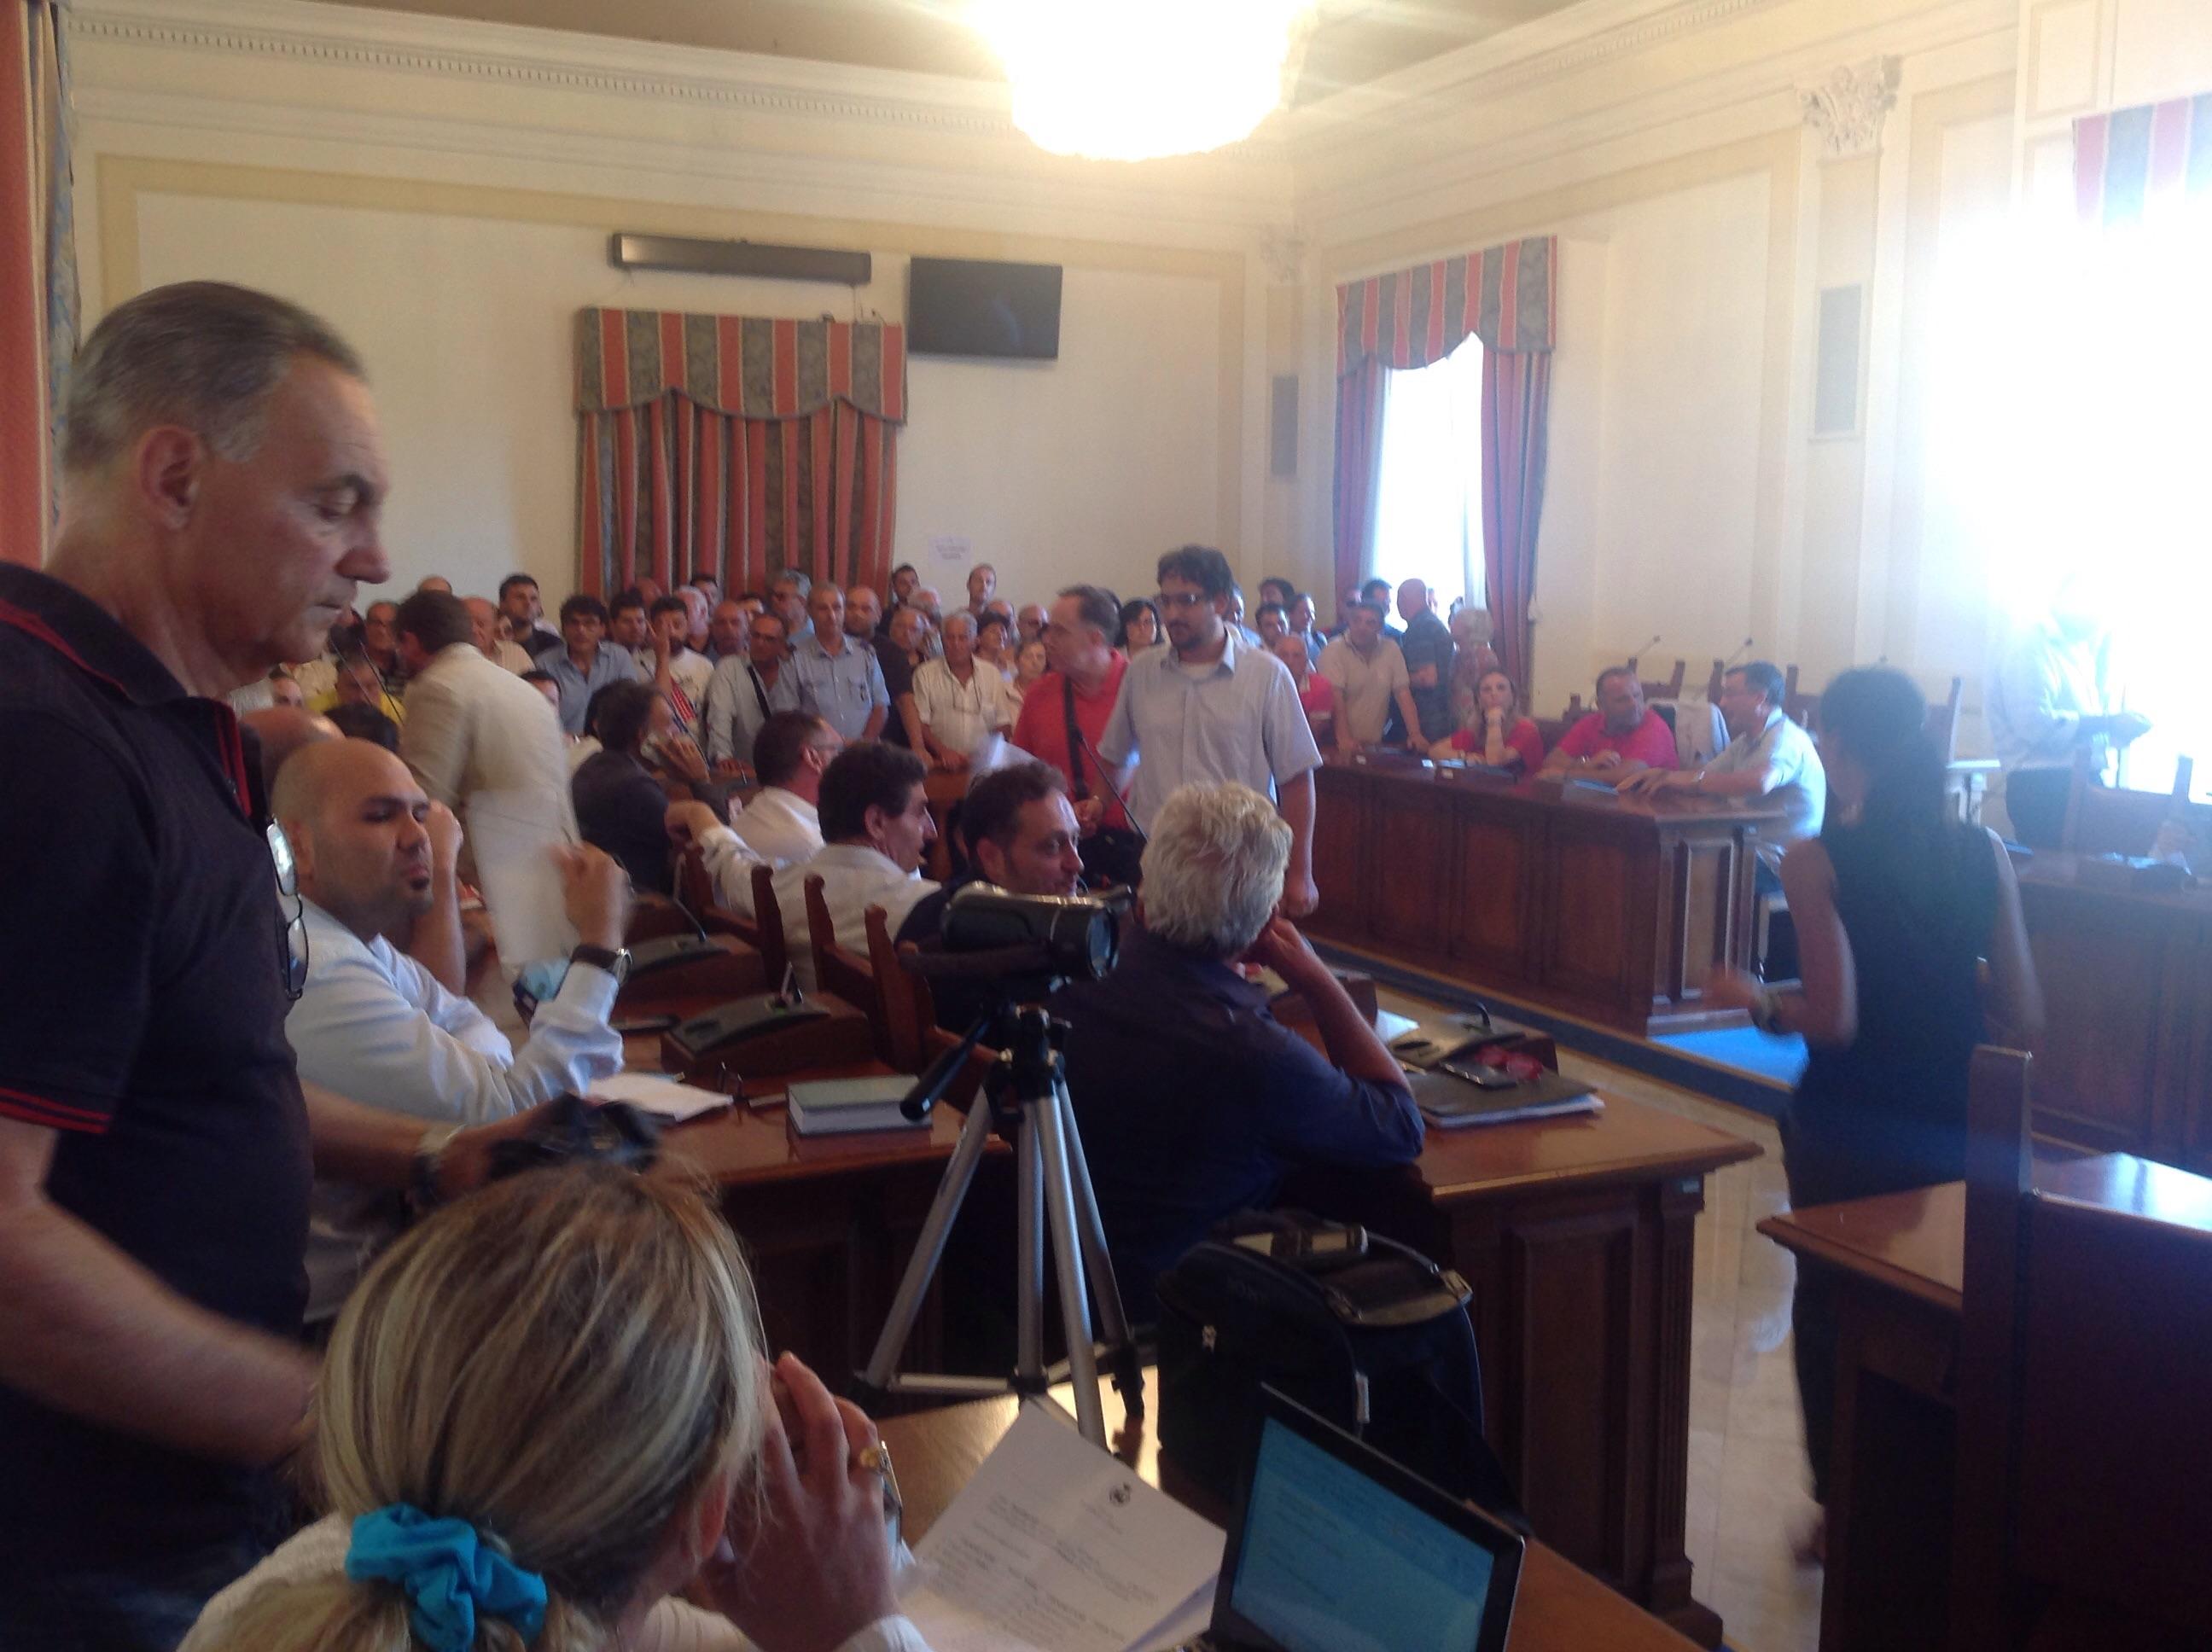 (Video) San Giorgio a Cremano. La maggioranza è compatta intorno al Sindaco. Bufera al consiglio comunale dopo l'inchiesta sugli appalti truccati.